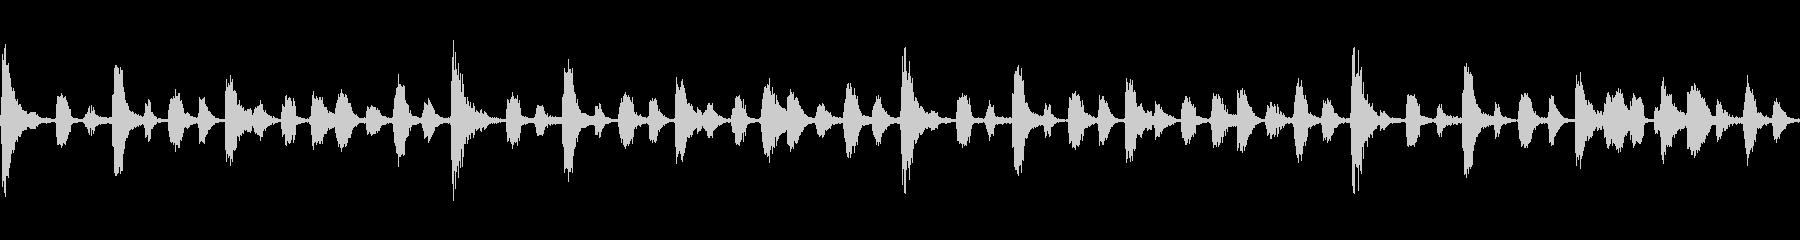 フィルタのかかったリズムとコンガのループの未再生の波形